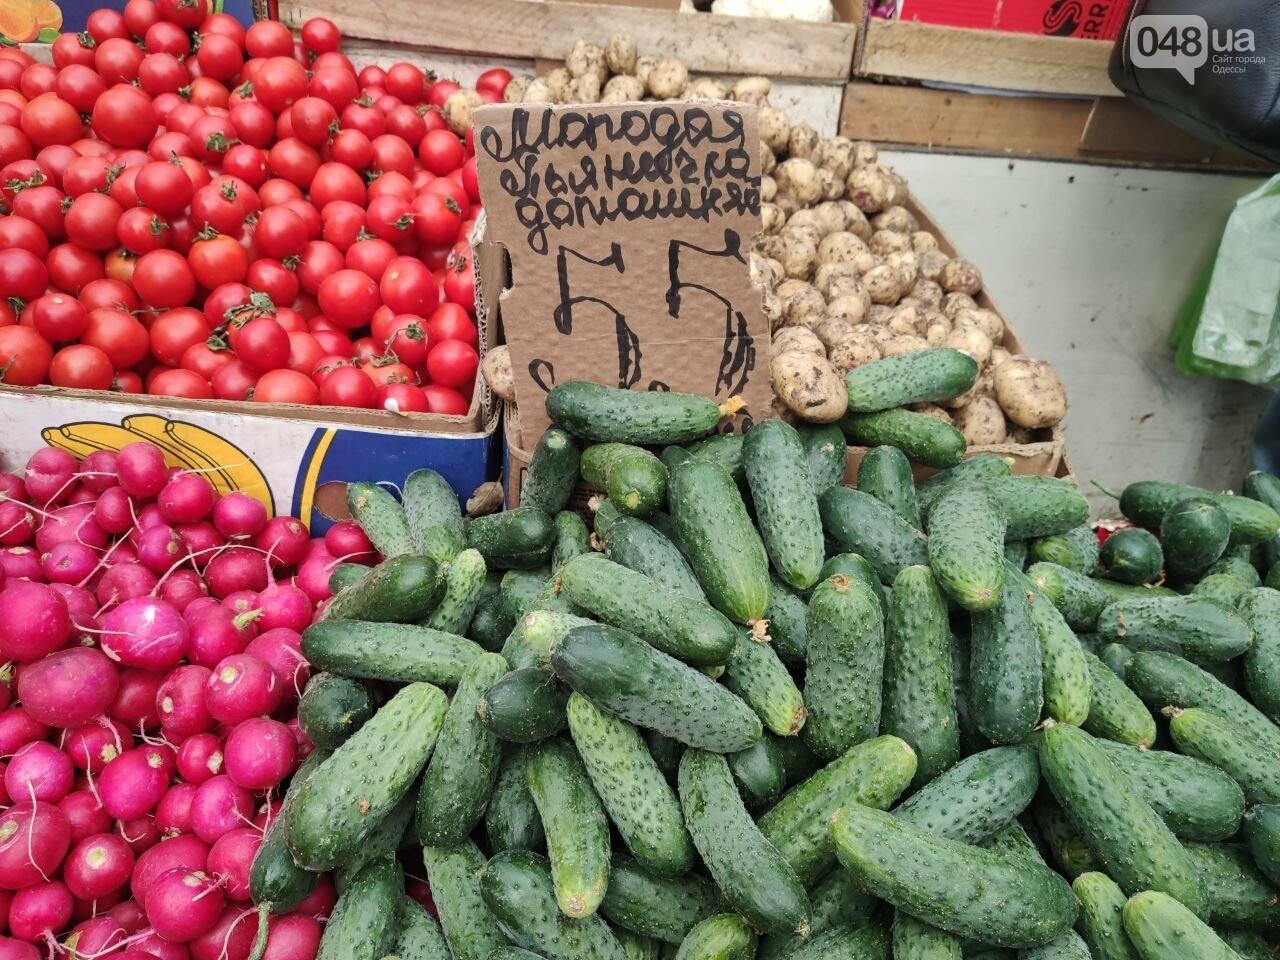 Клубника, ананас, микадо: почем на одесском Привозе перед Пасхой овощи и фрукты, - ФОТО, фото-1